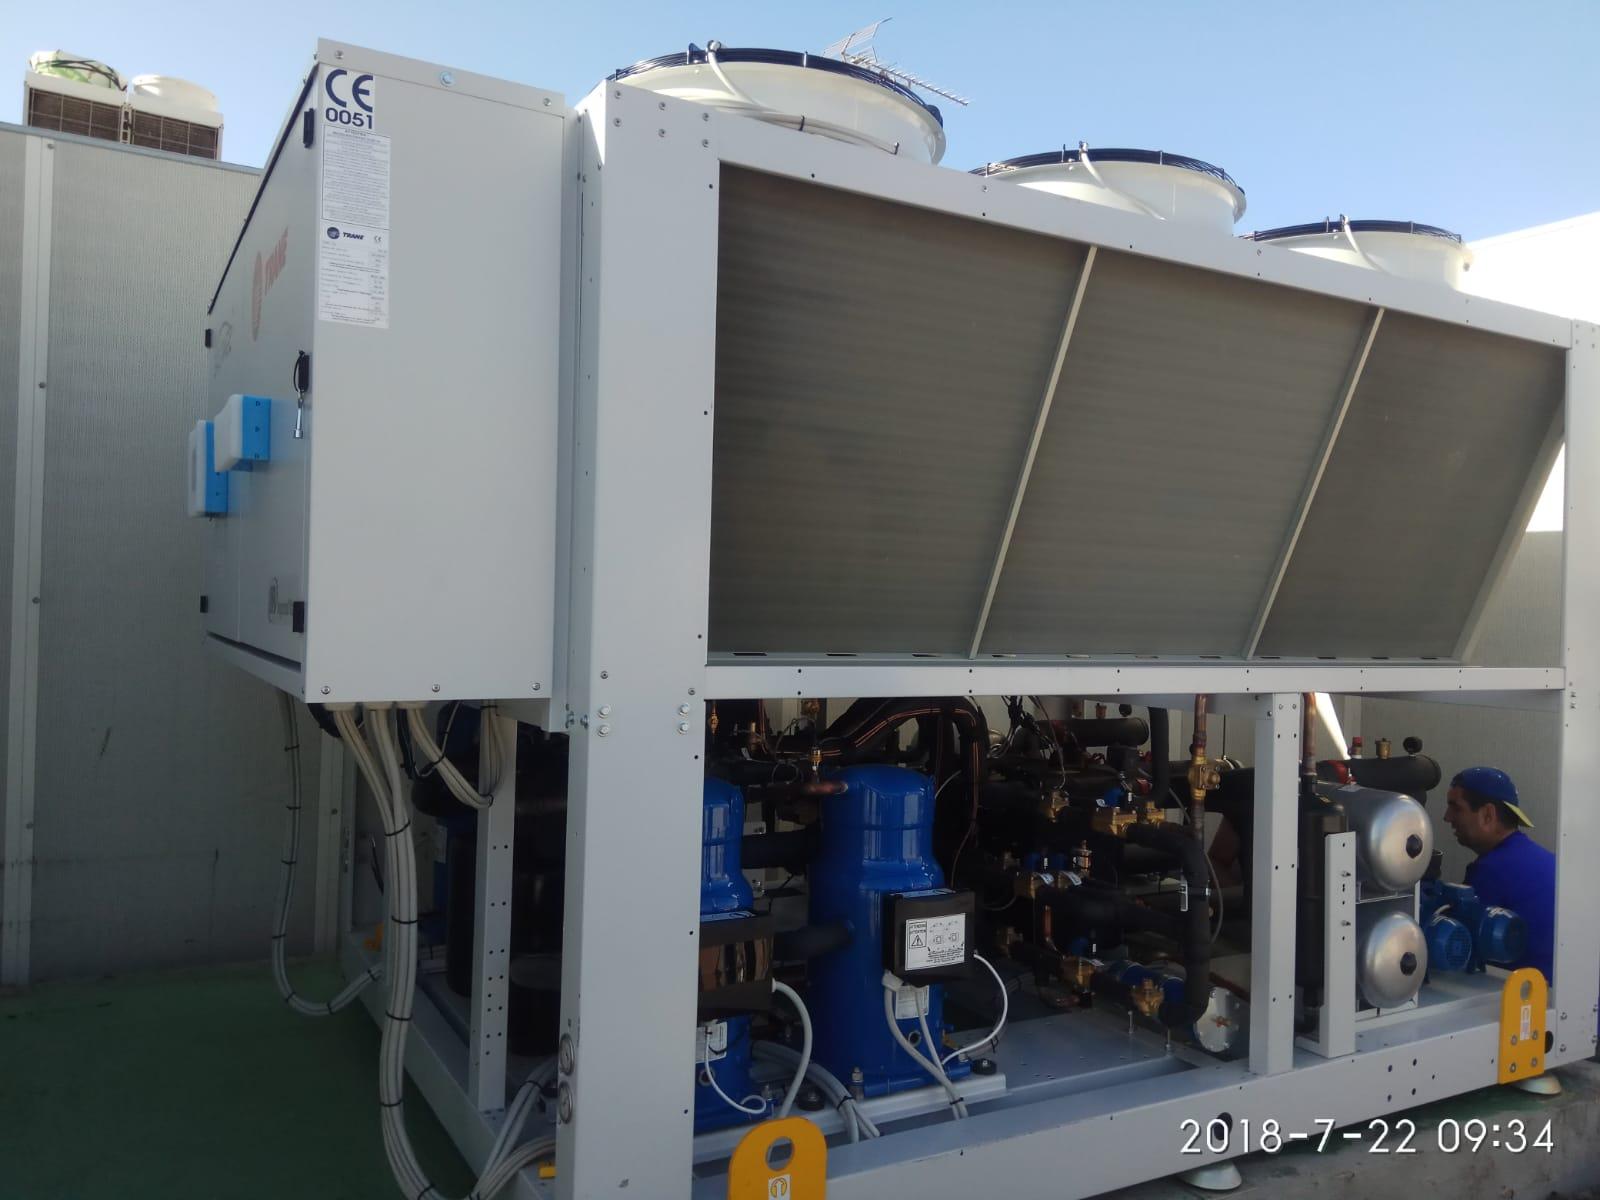 Mejora de la eficiencia energética en Hotel Barceló Contemporáneo. Renovación de instalación térmica por un sistema polivalente con recuperación de calor